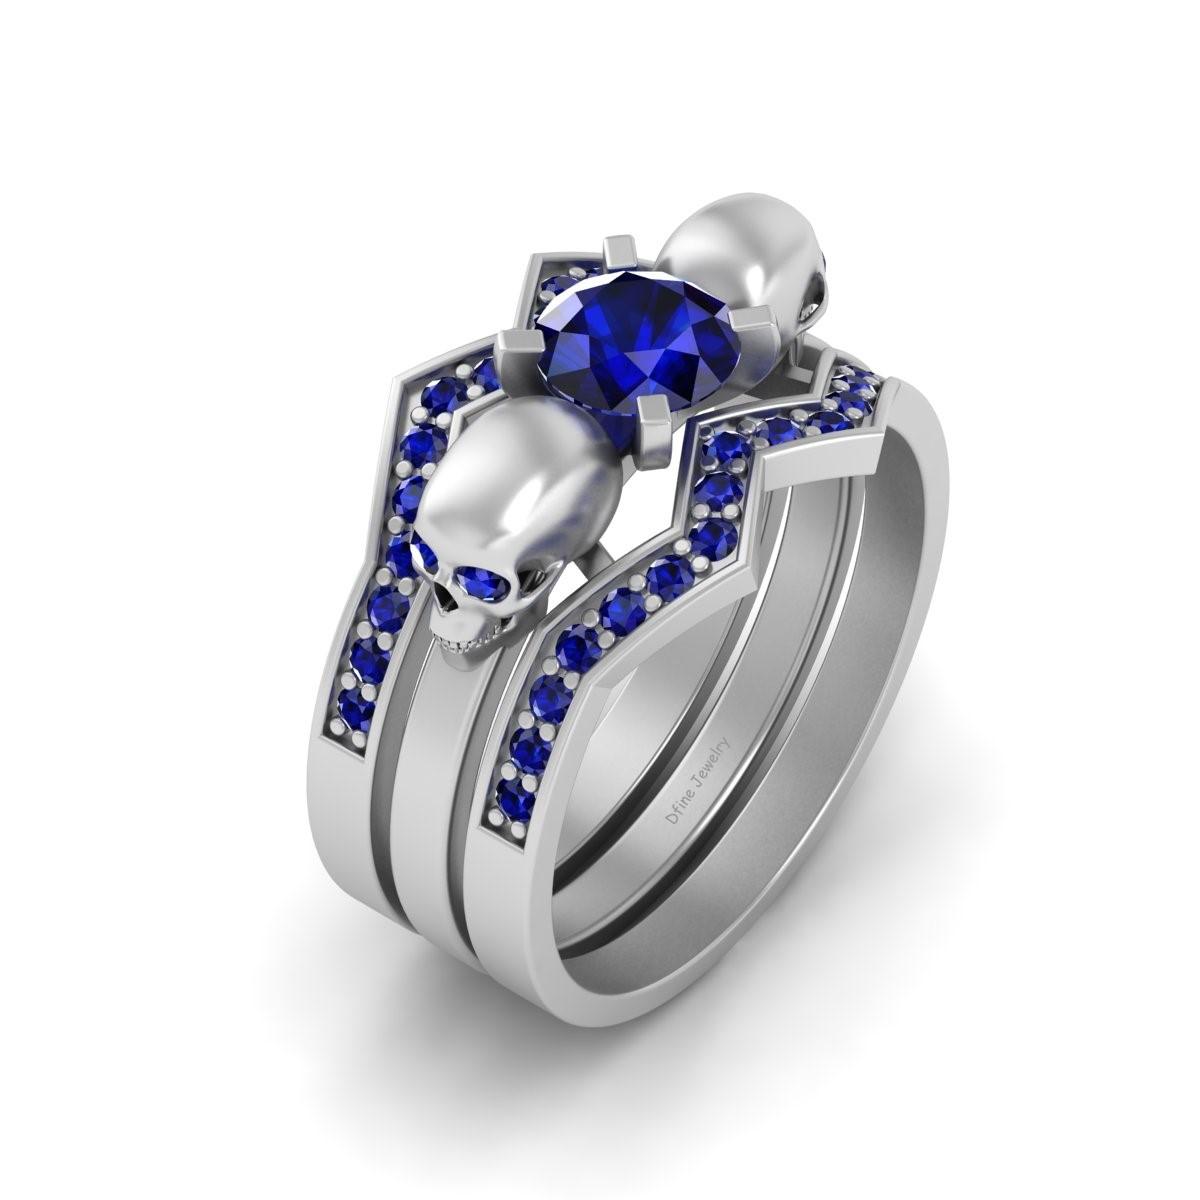 sapphire skull wedding ring set for women cheap price